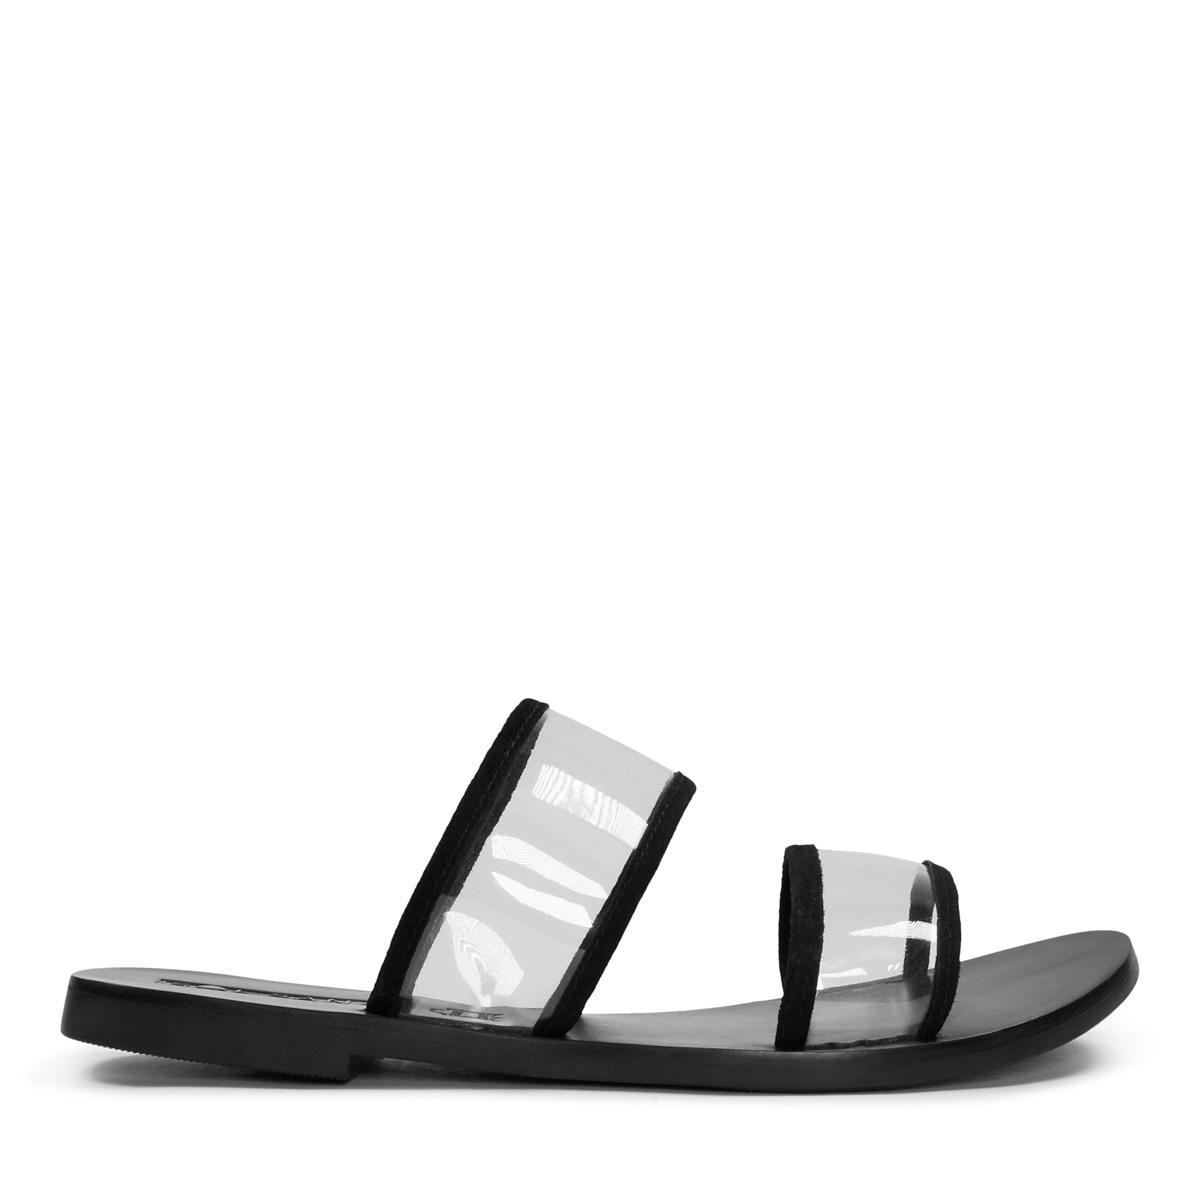 Sandales Ziggy noires pour femmes